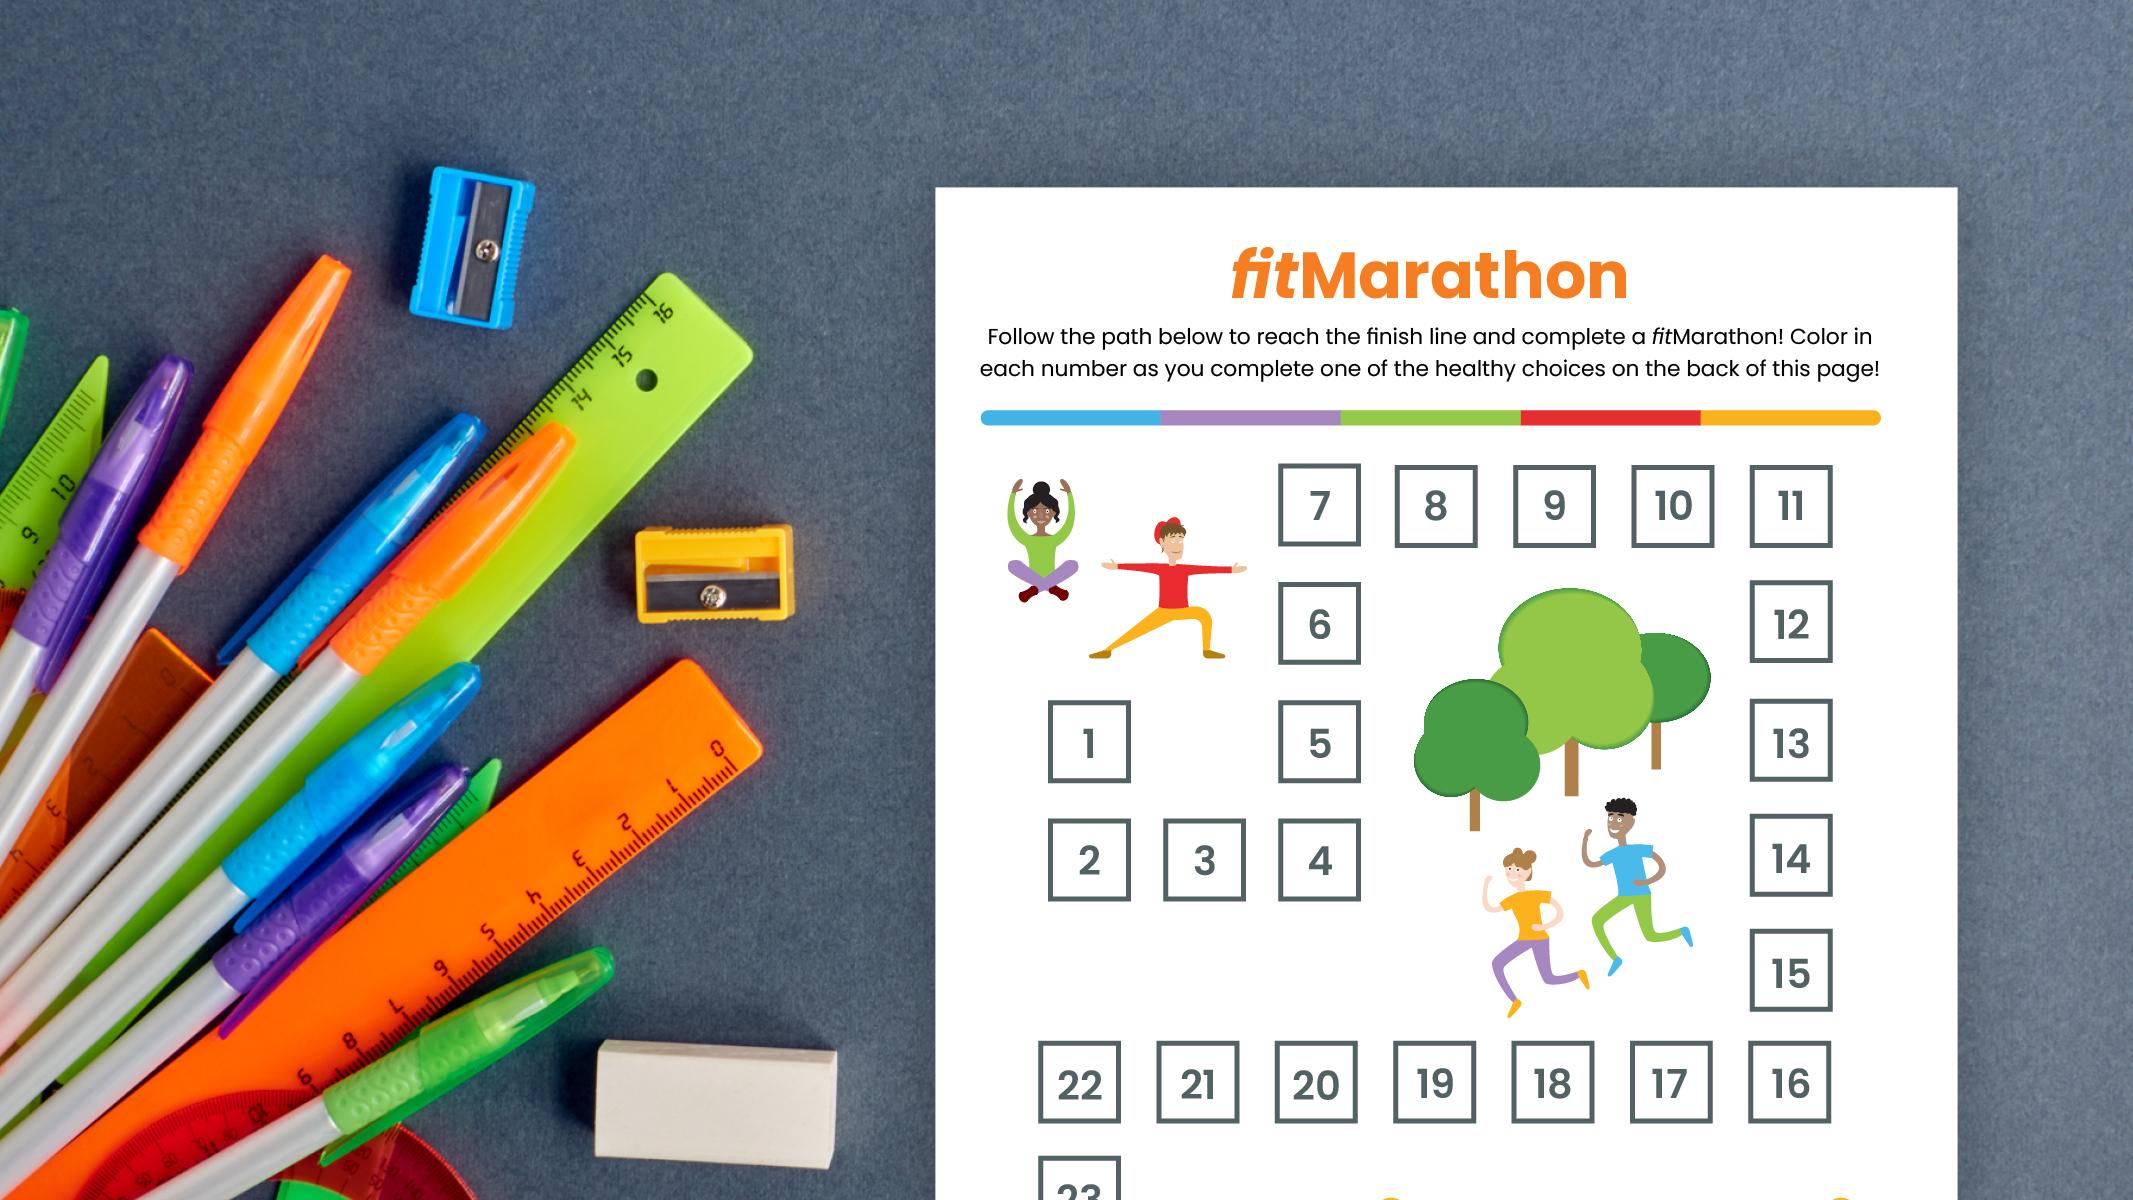 fitMarathon - Sanford fit